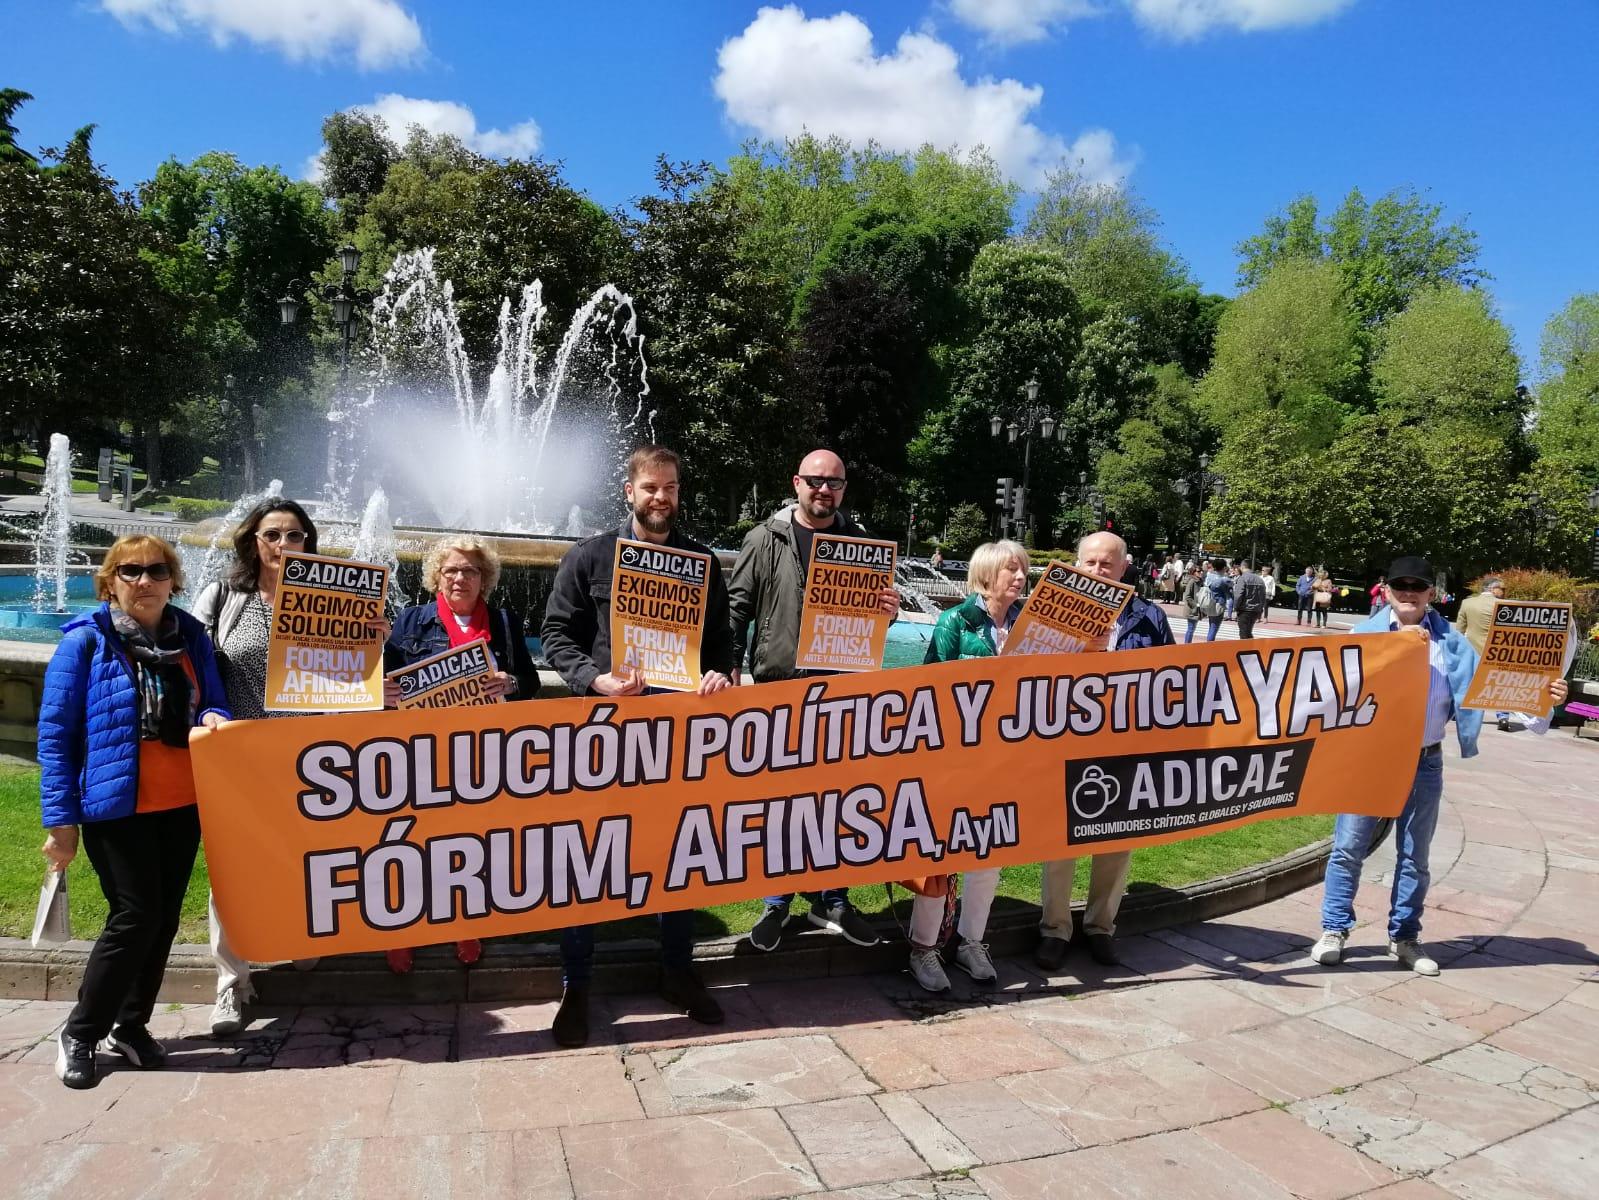 Solución política y justicia YA! para los afectados por Fórum-Afinsa-Arte y Naturaleza